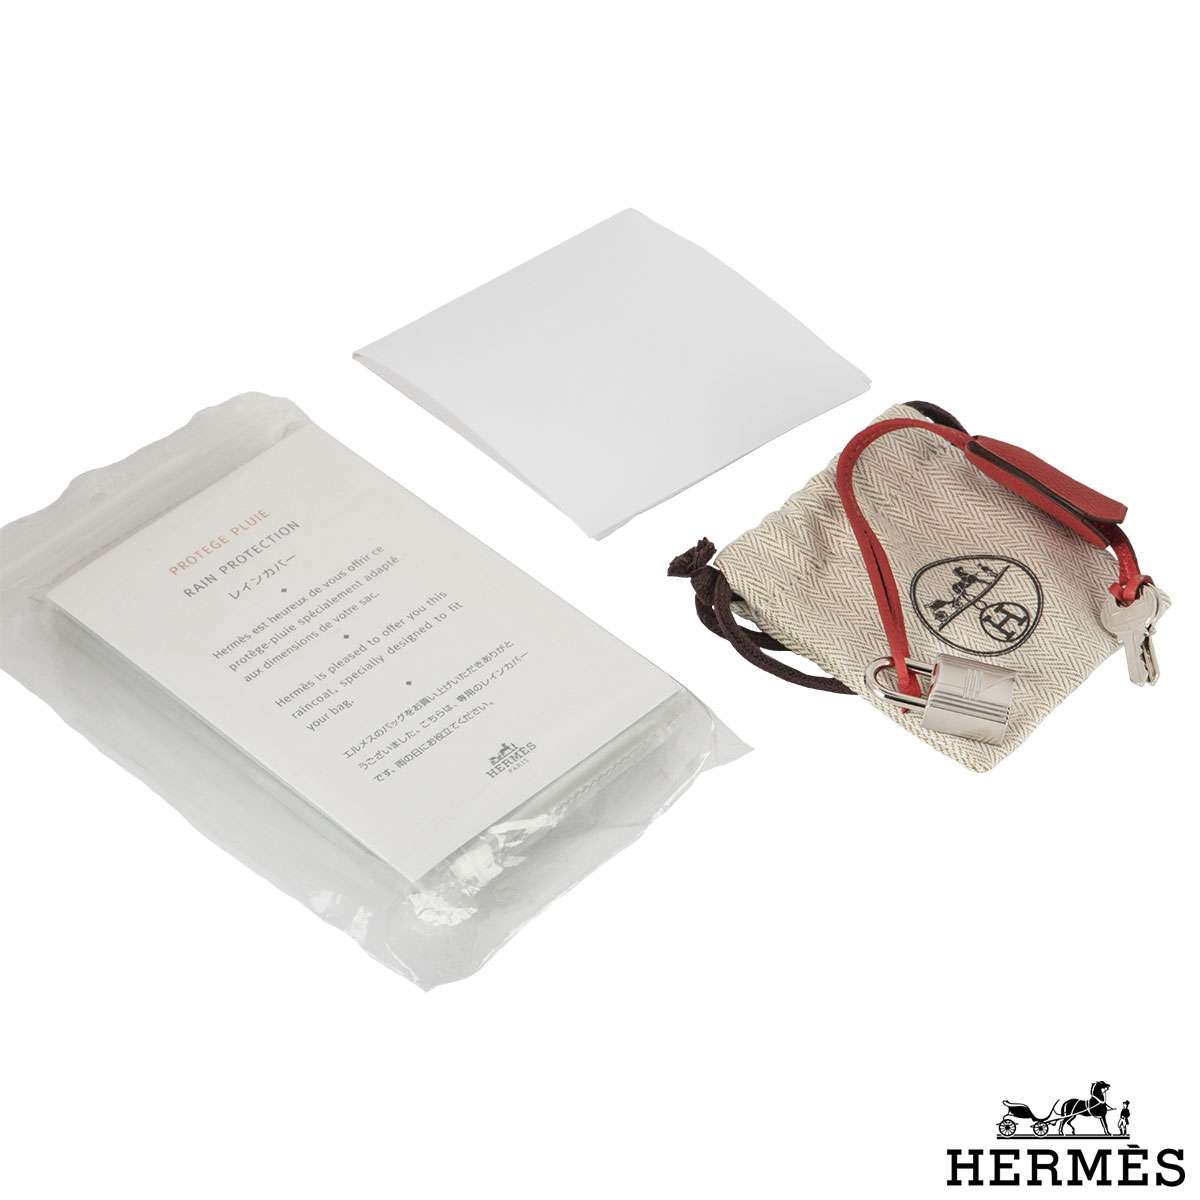 Hermes Birkin 25 cm Rouge Pivonie PHW Togo Handbag